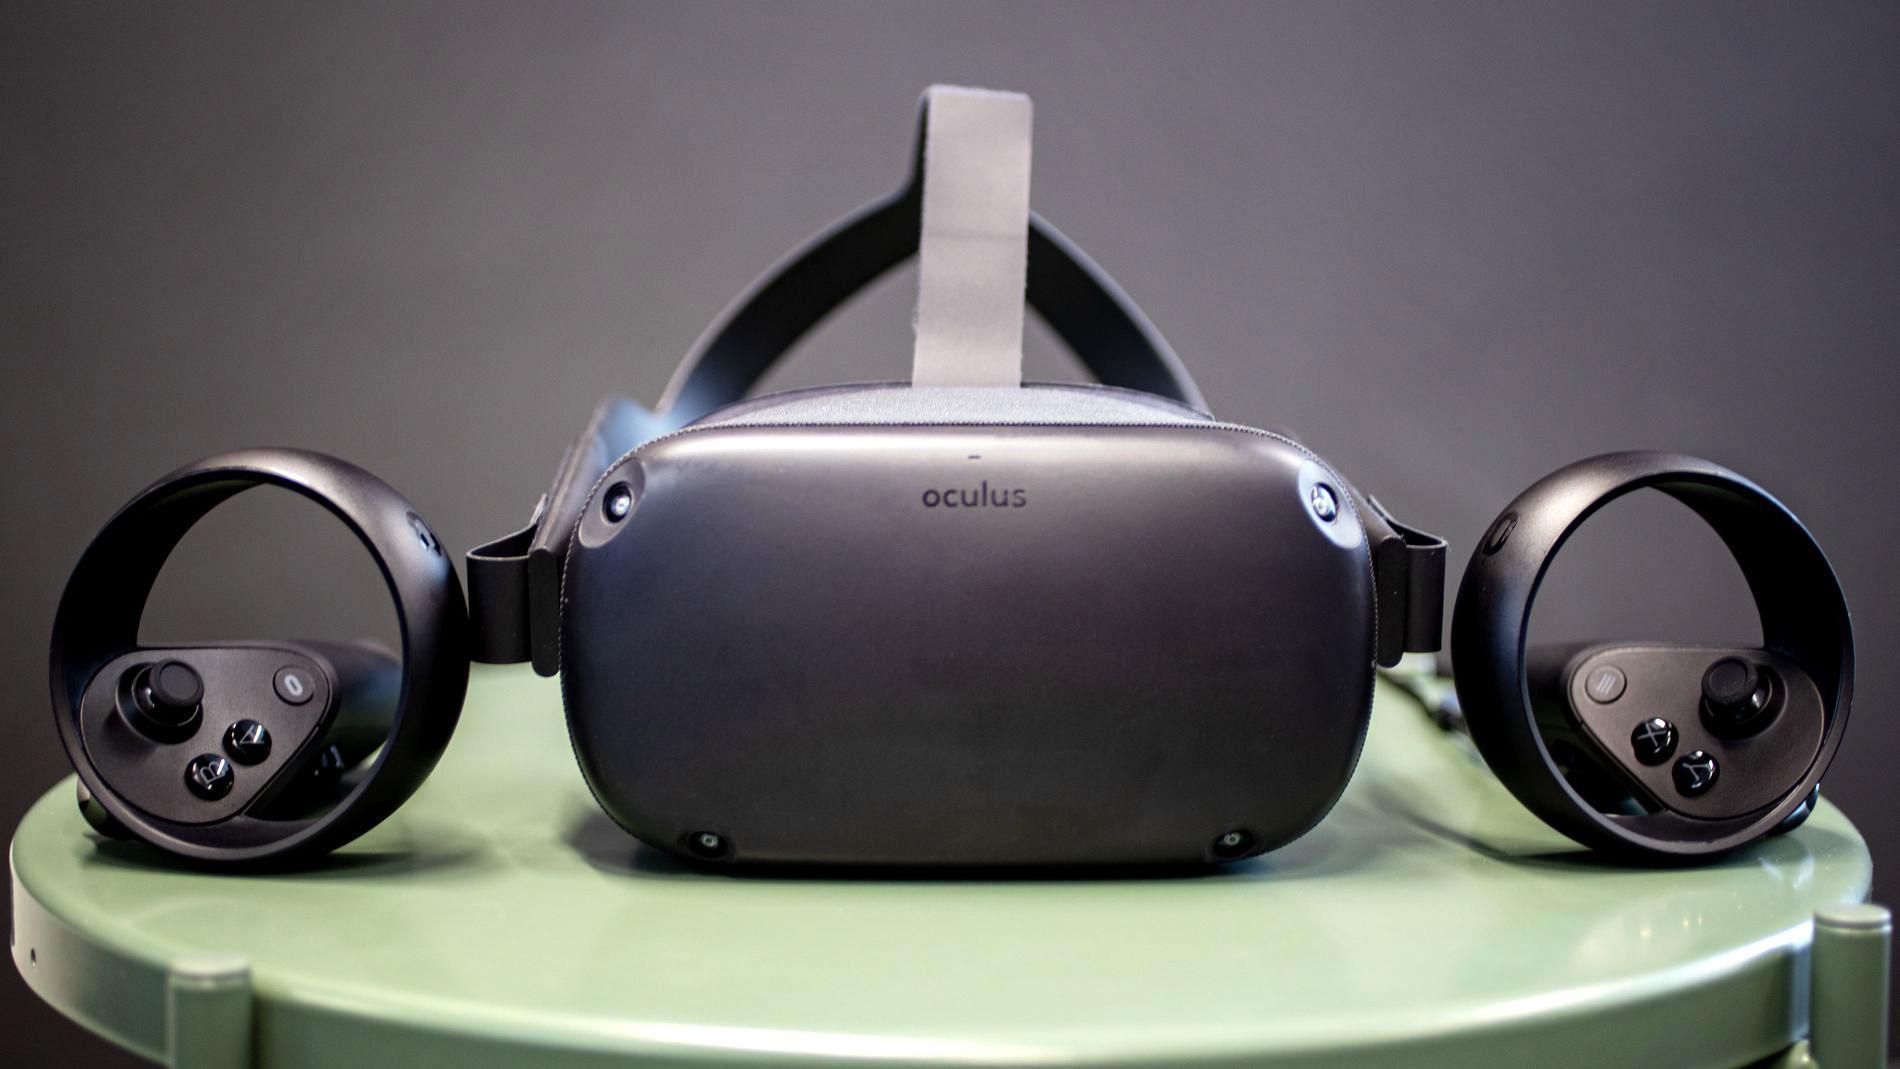 Nå kan du plugge Oculus Quest i PC-en og spille Rift-spill